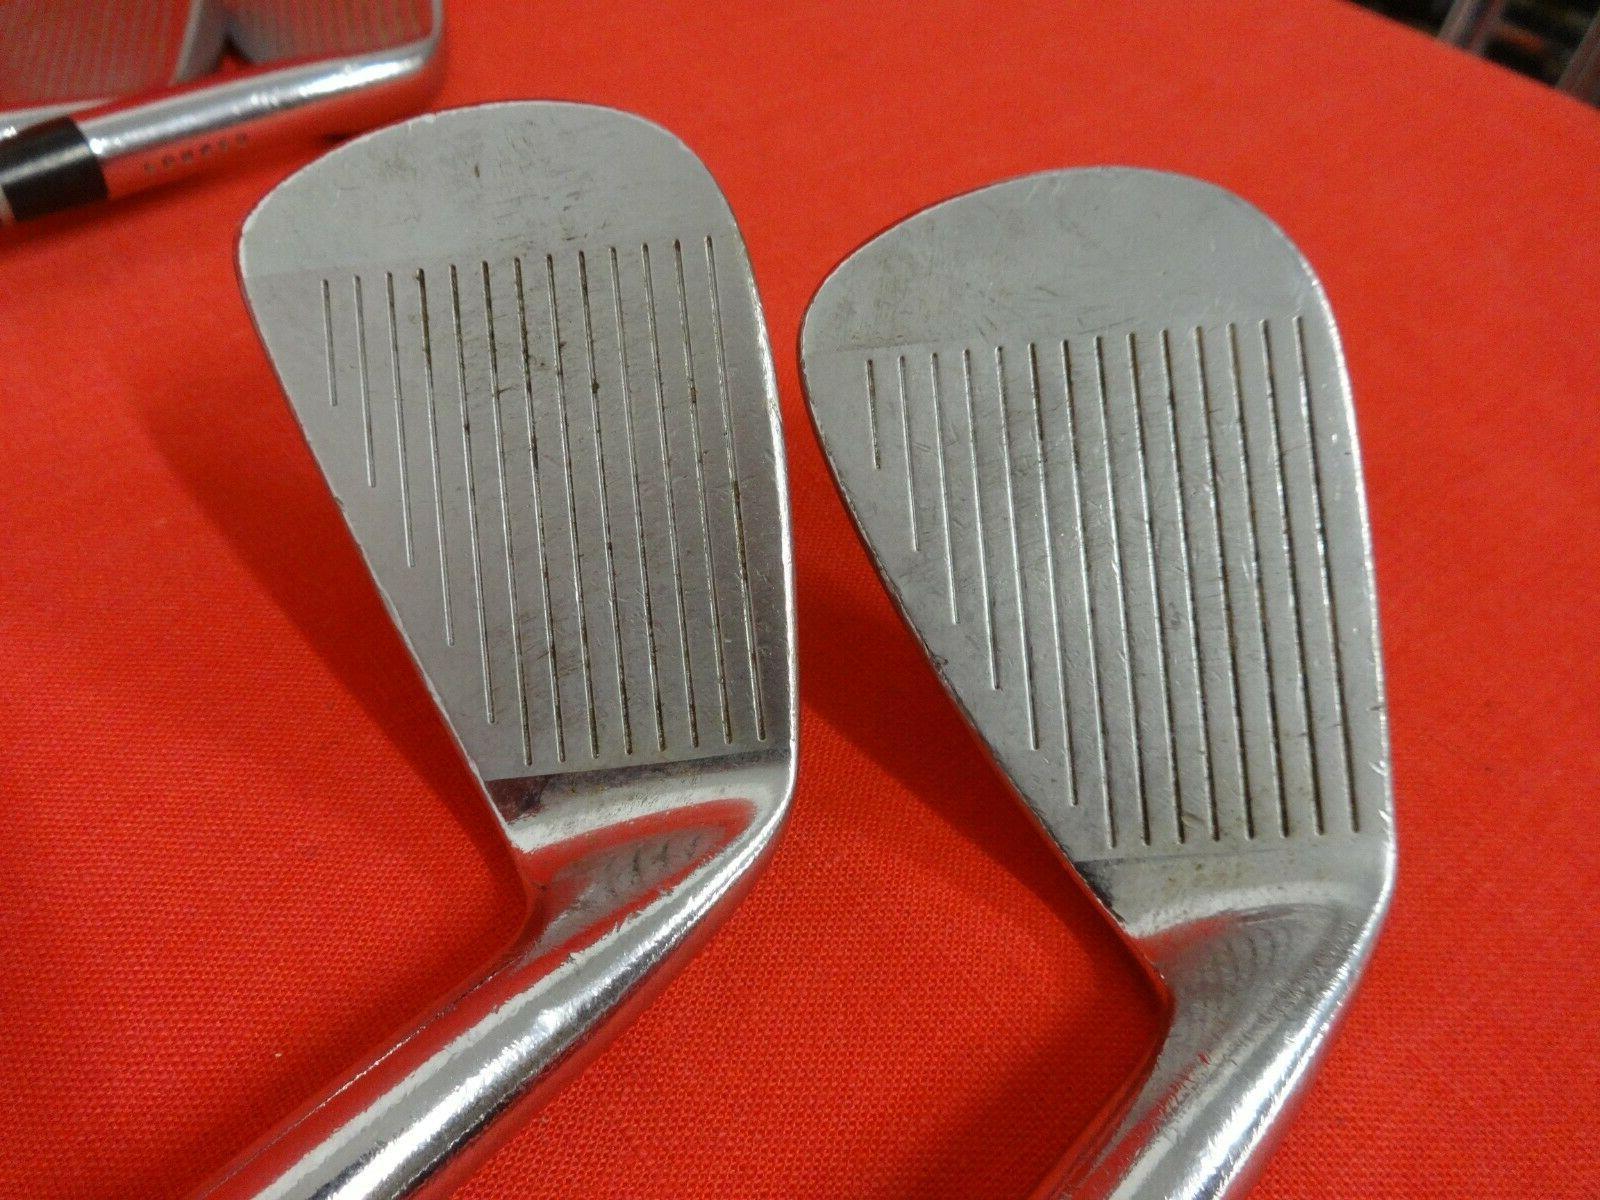 NIKE 3-PW Iron Set RH Right Stiff